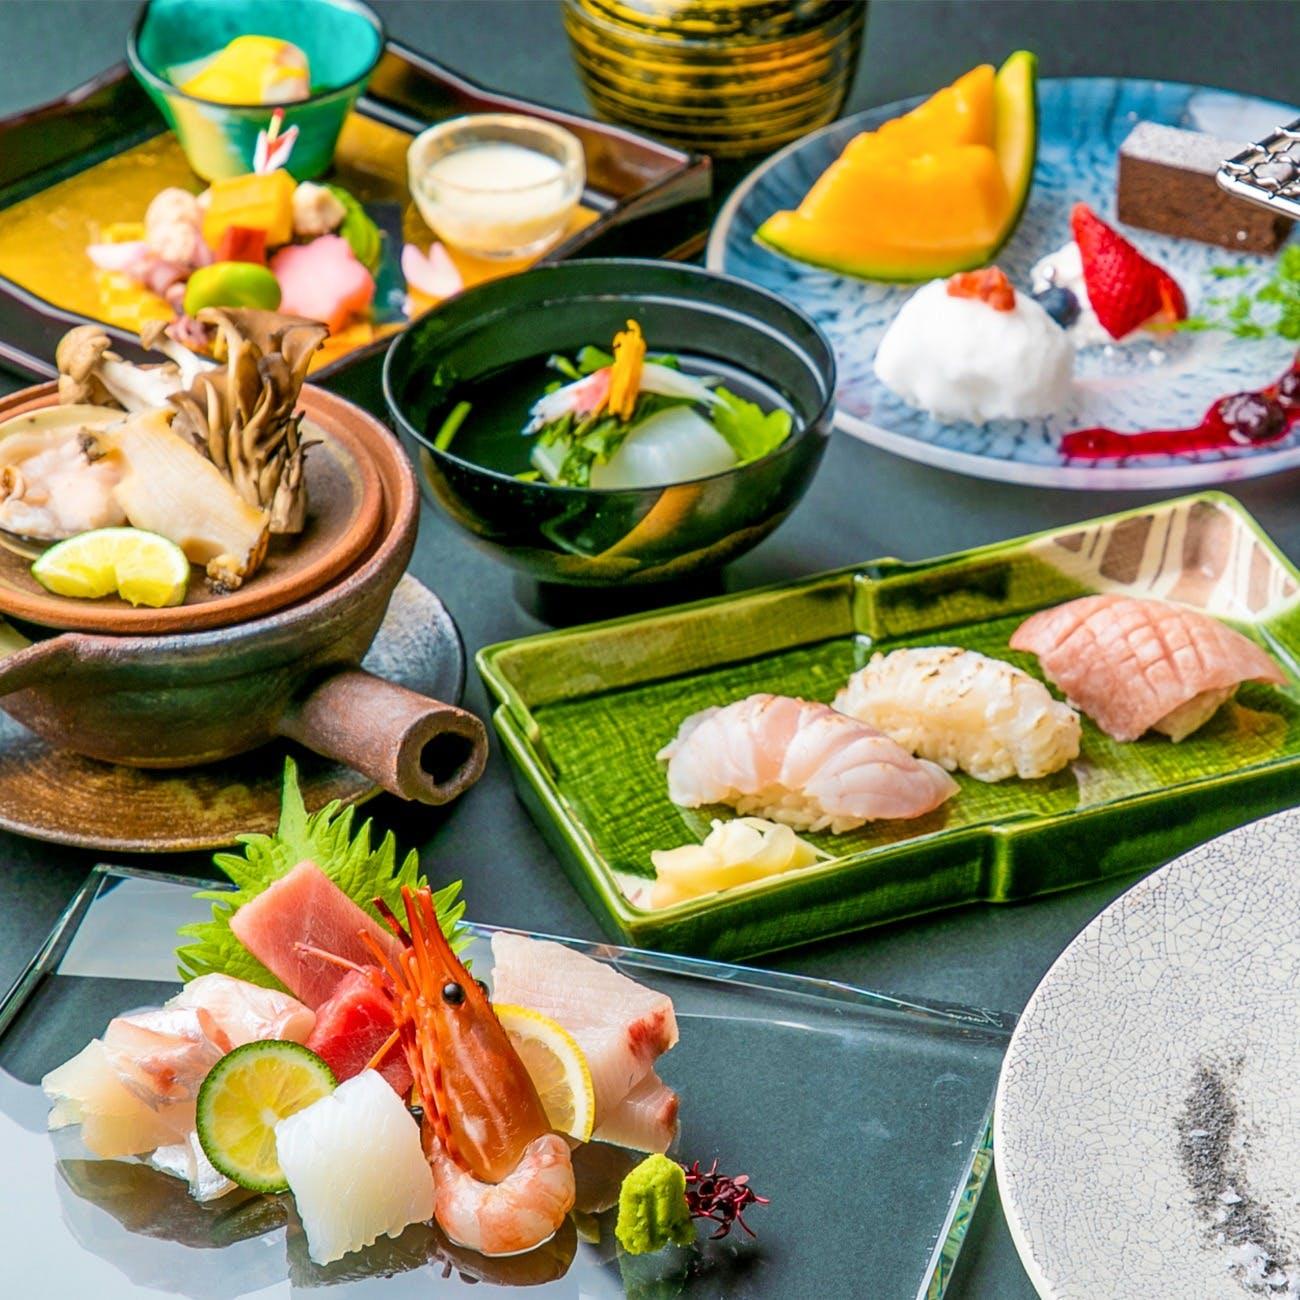 「美食」というエンターテイメントを「日本の四季」とともに皆様にお届け